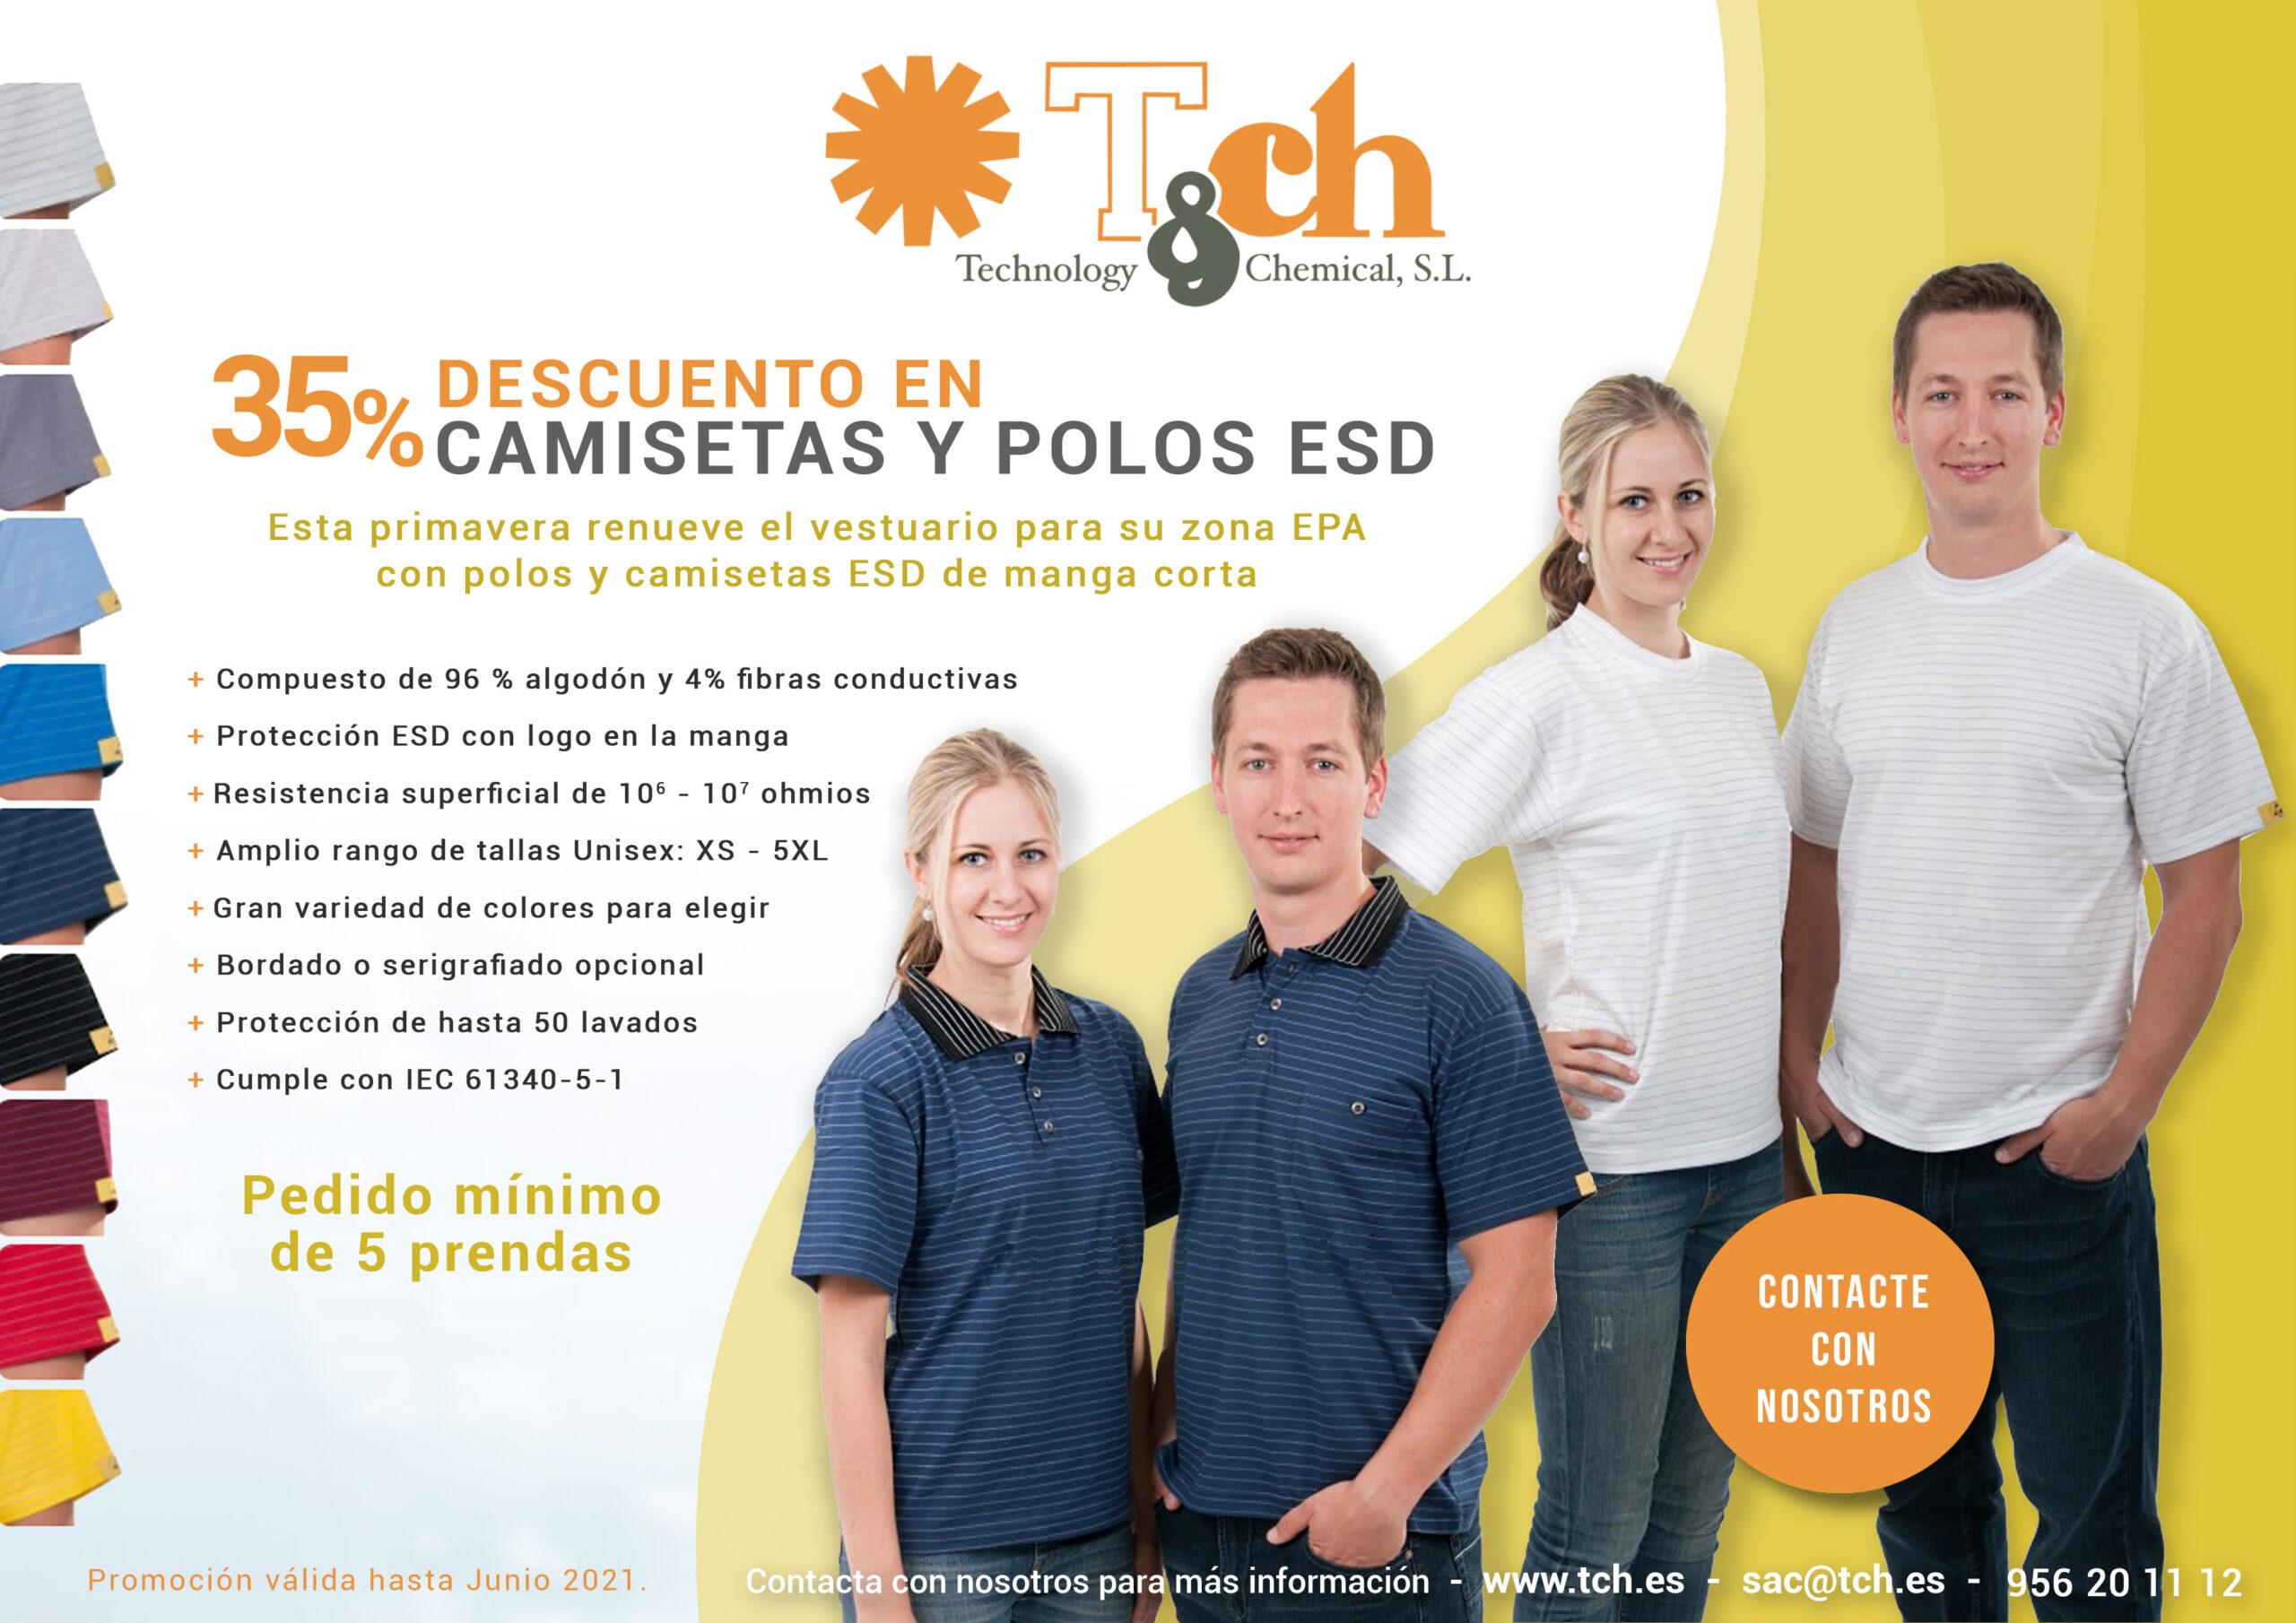 Promoción camisetas y polos ESD tch cleantex